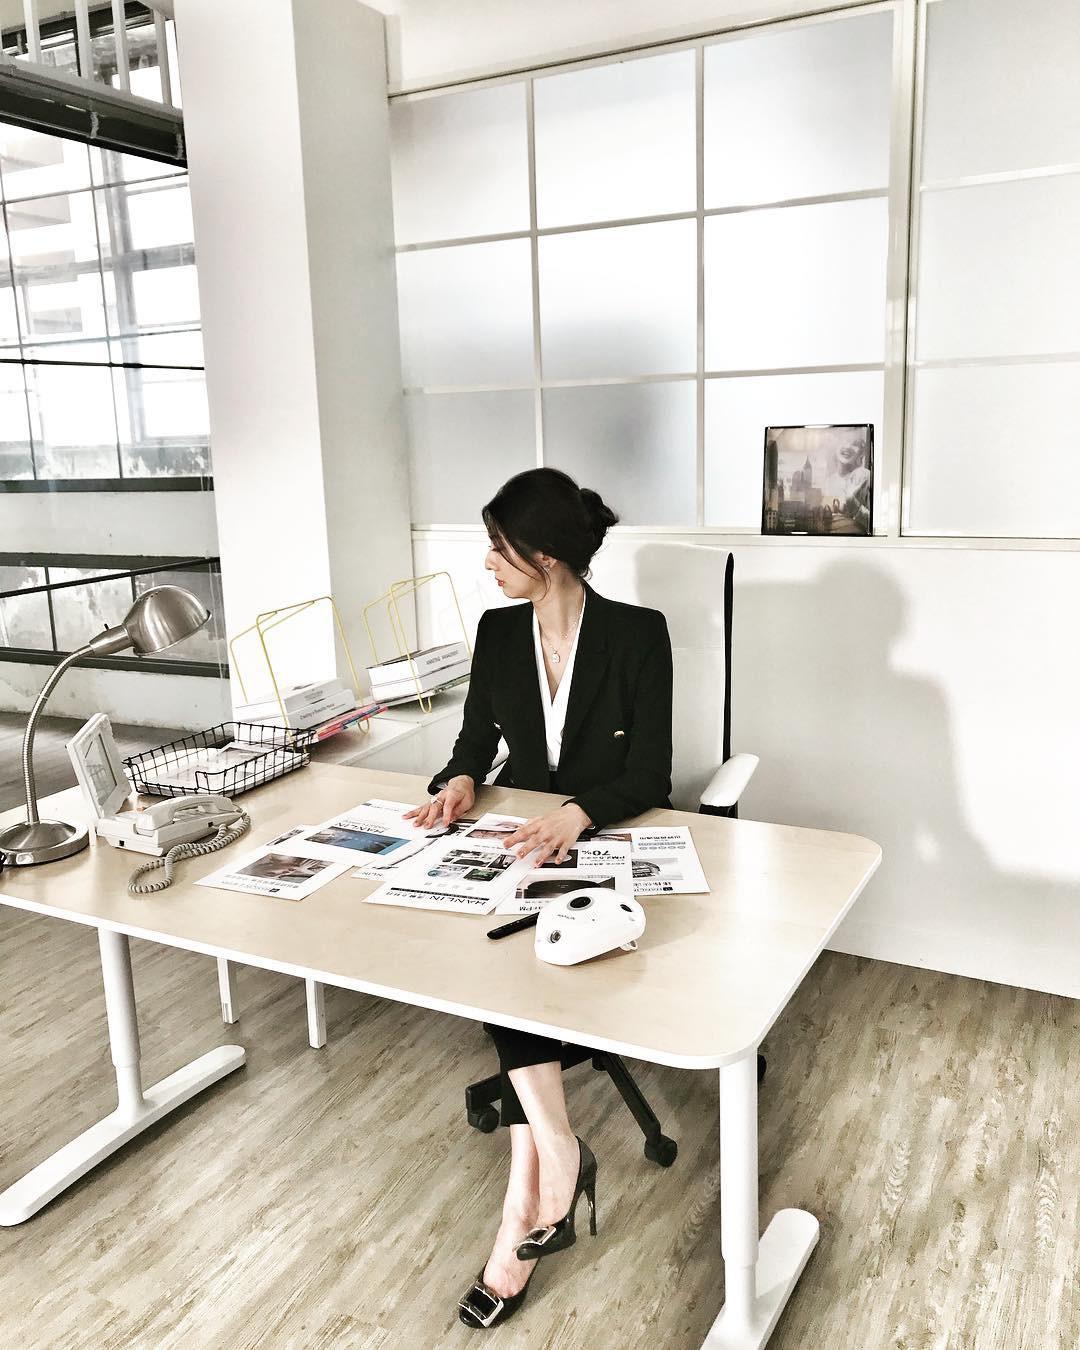 CEO nổi tiếng tiết lộ 2 kiểu người cơ bản trong môi trường công sở, chị em nên đọc để biết mình thuộc kiểu nào - Ảnh 1.